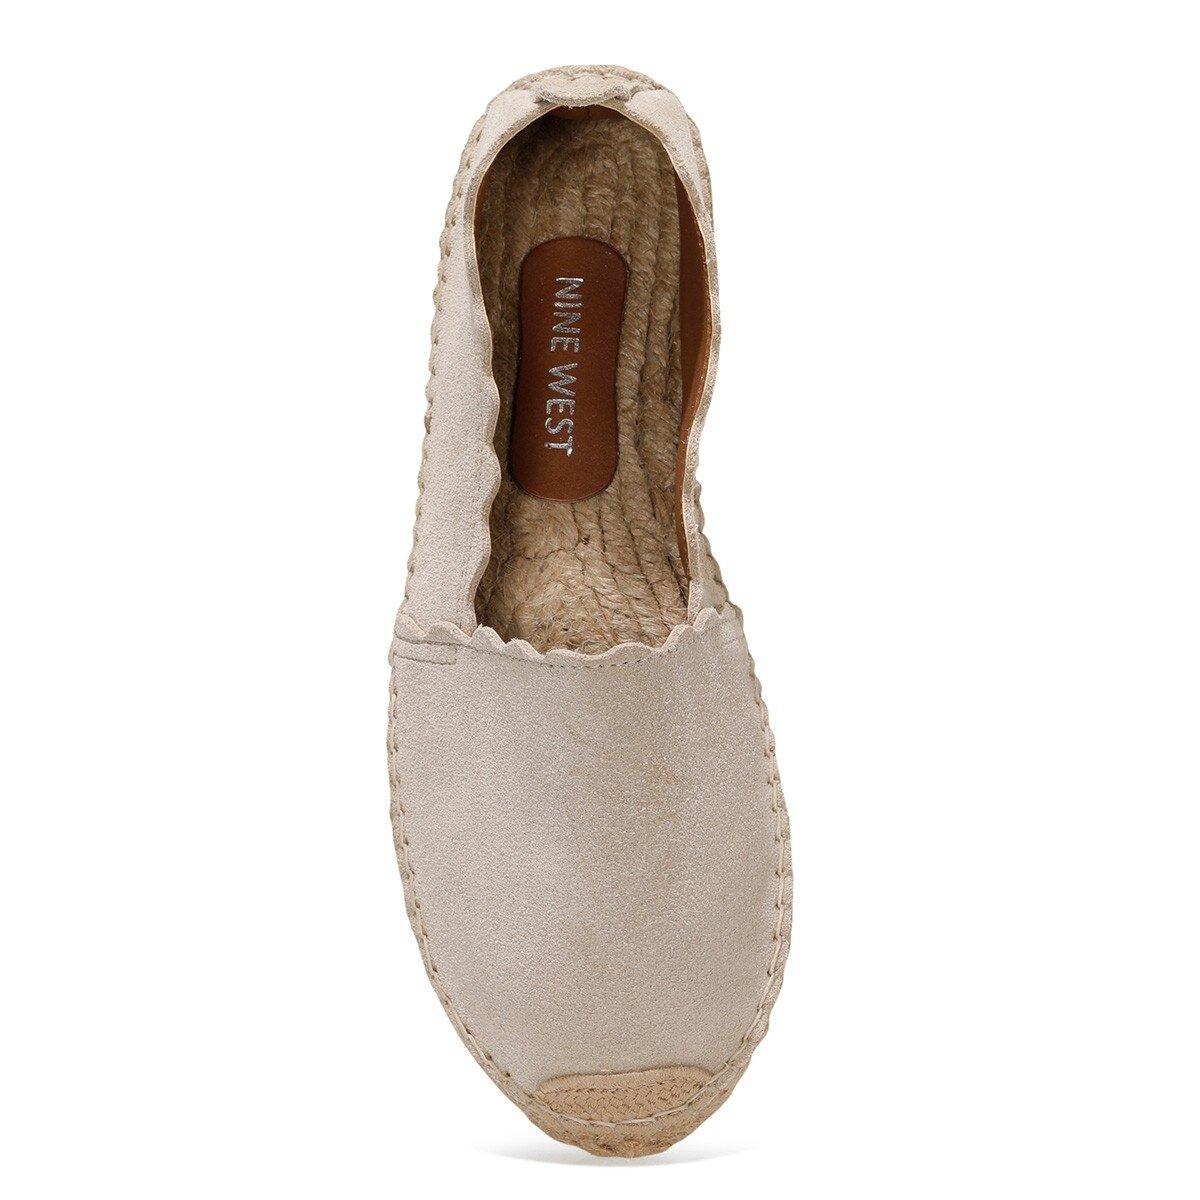 UNDERDAY 1FX Bej Kadın Espadril Ayakkabı